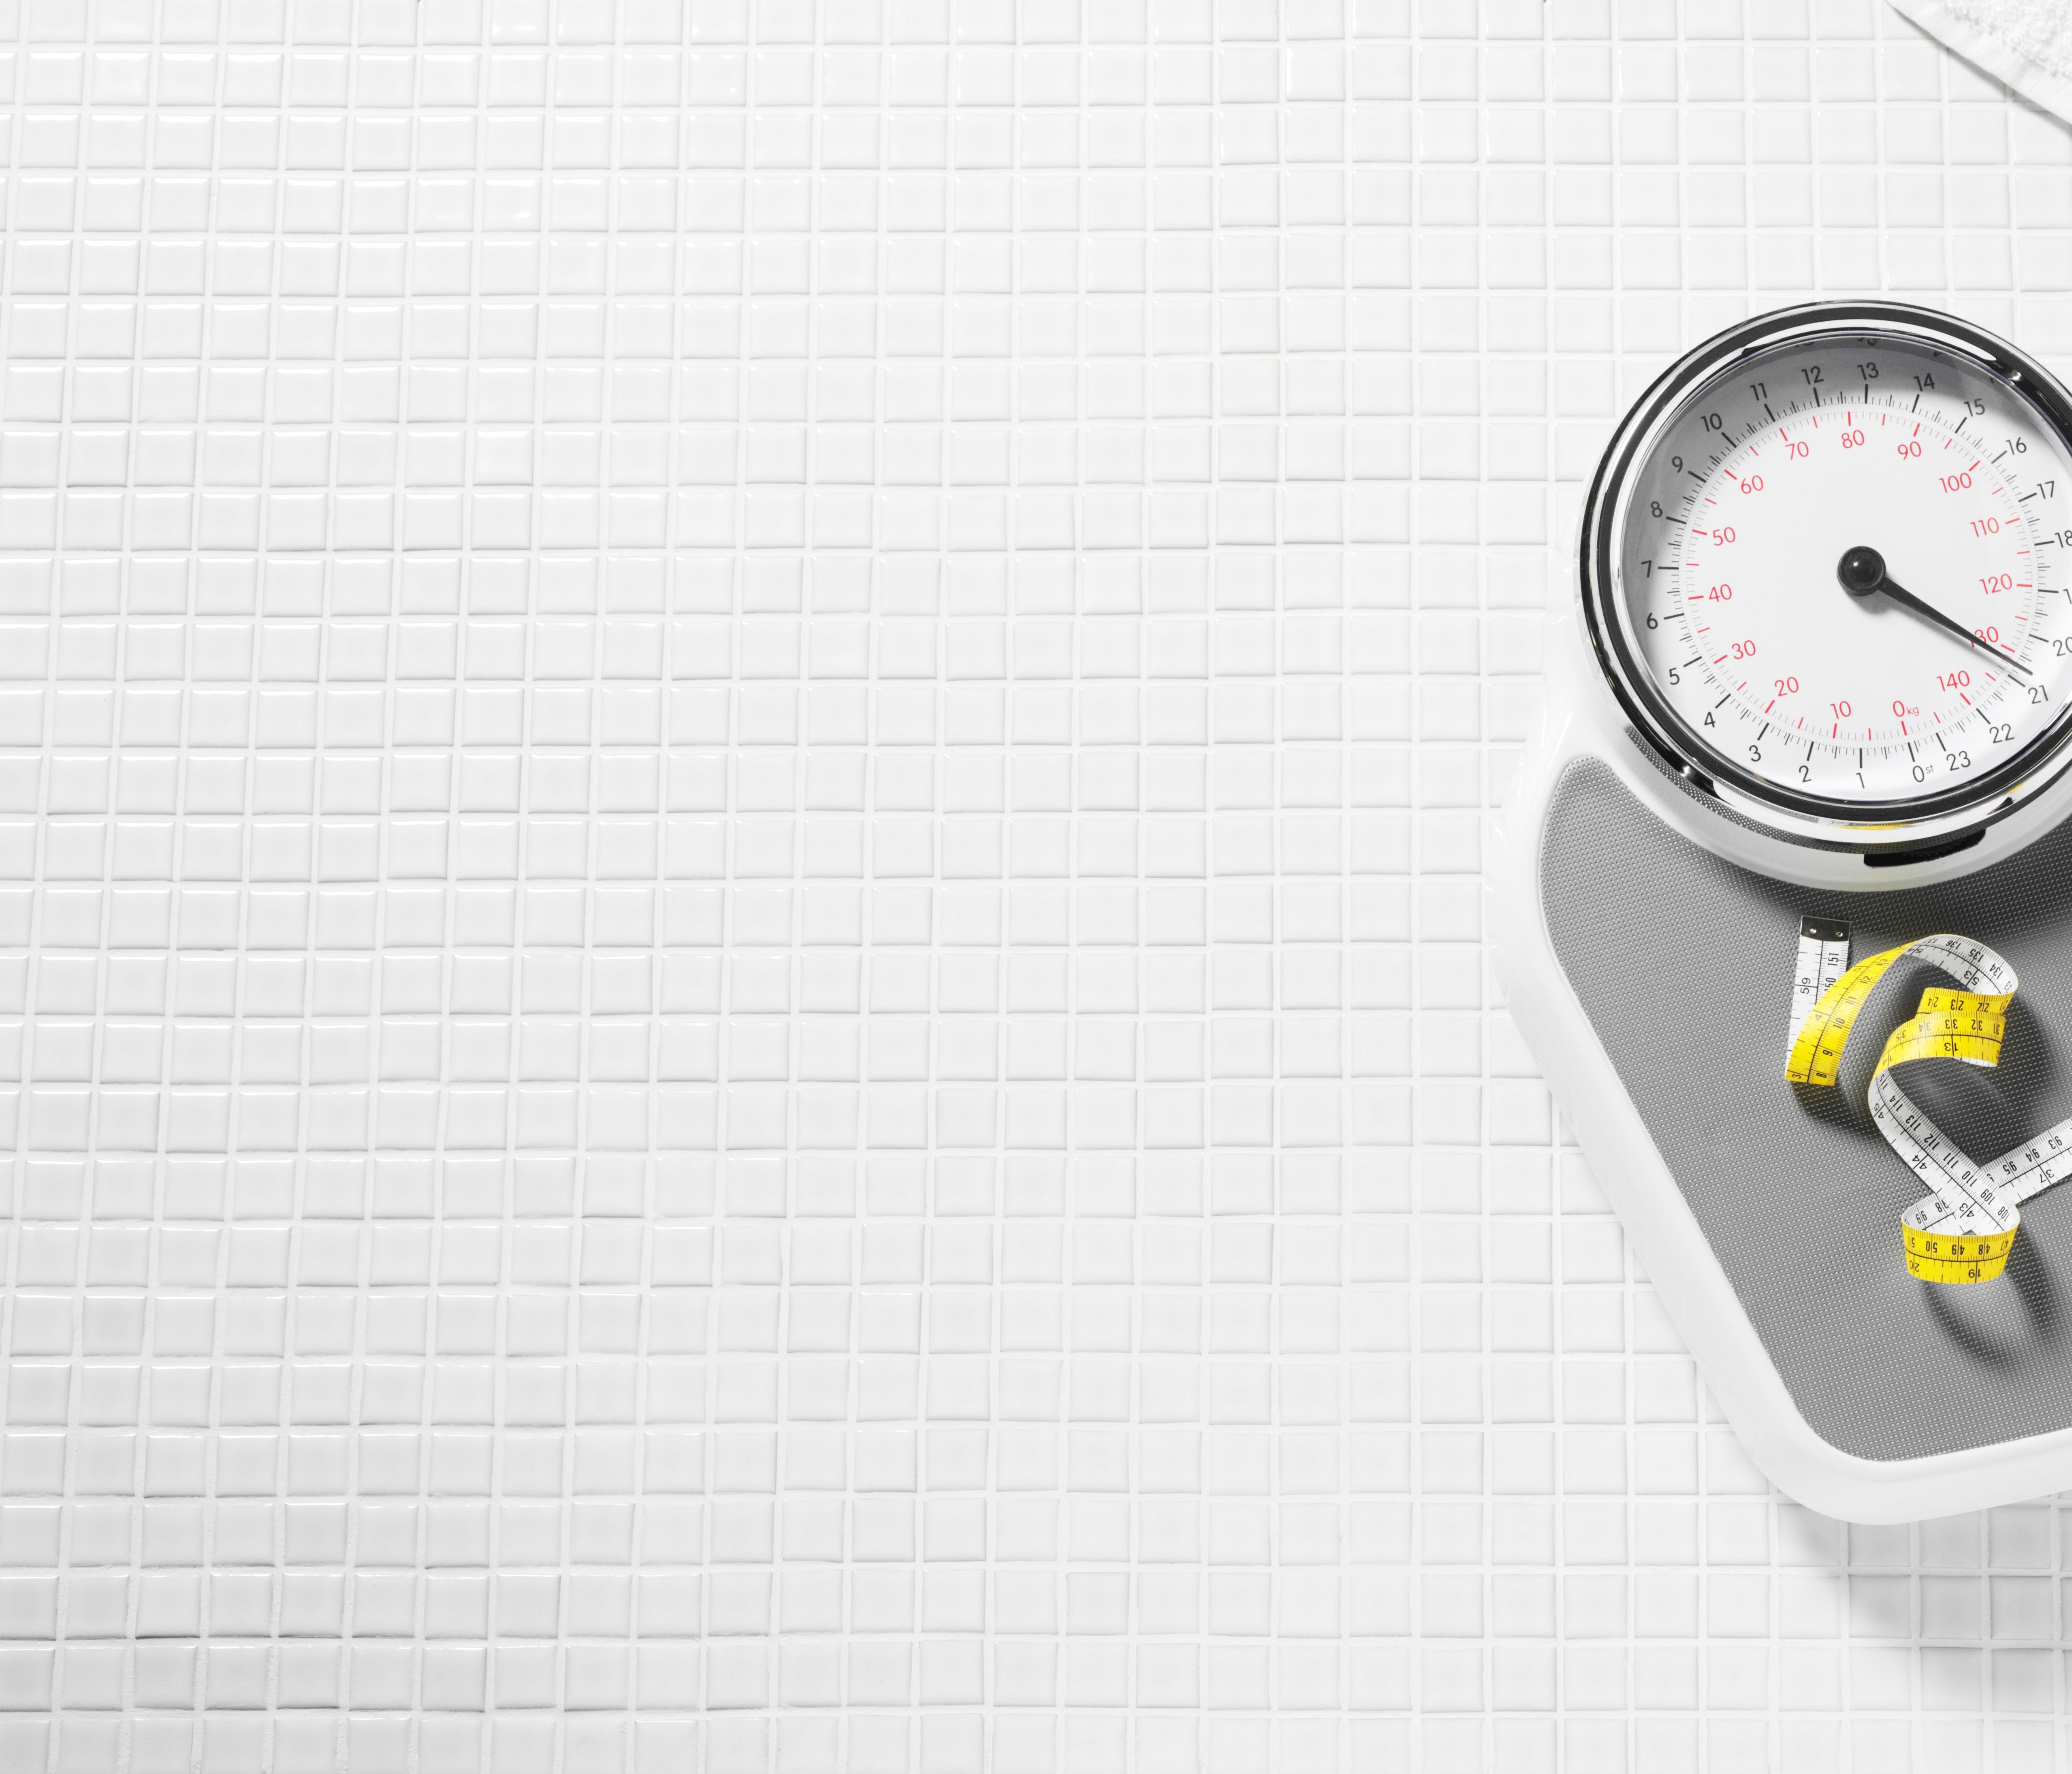 enklaste sättet att gå ner i vikt